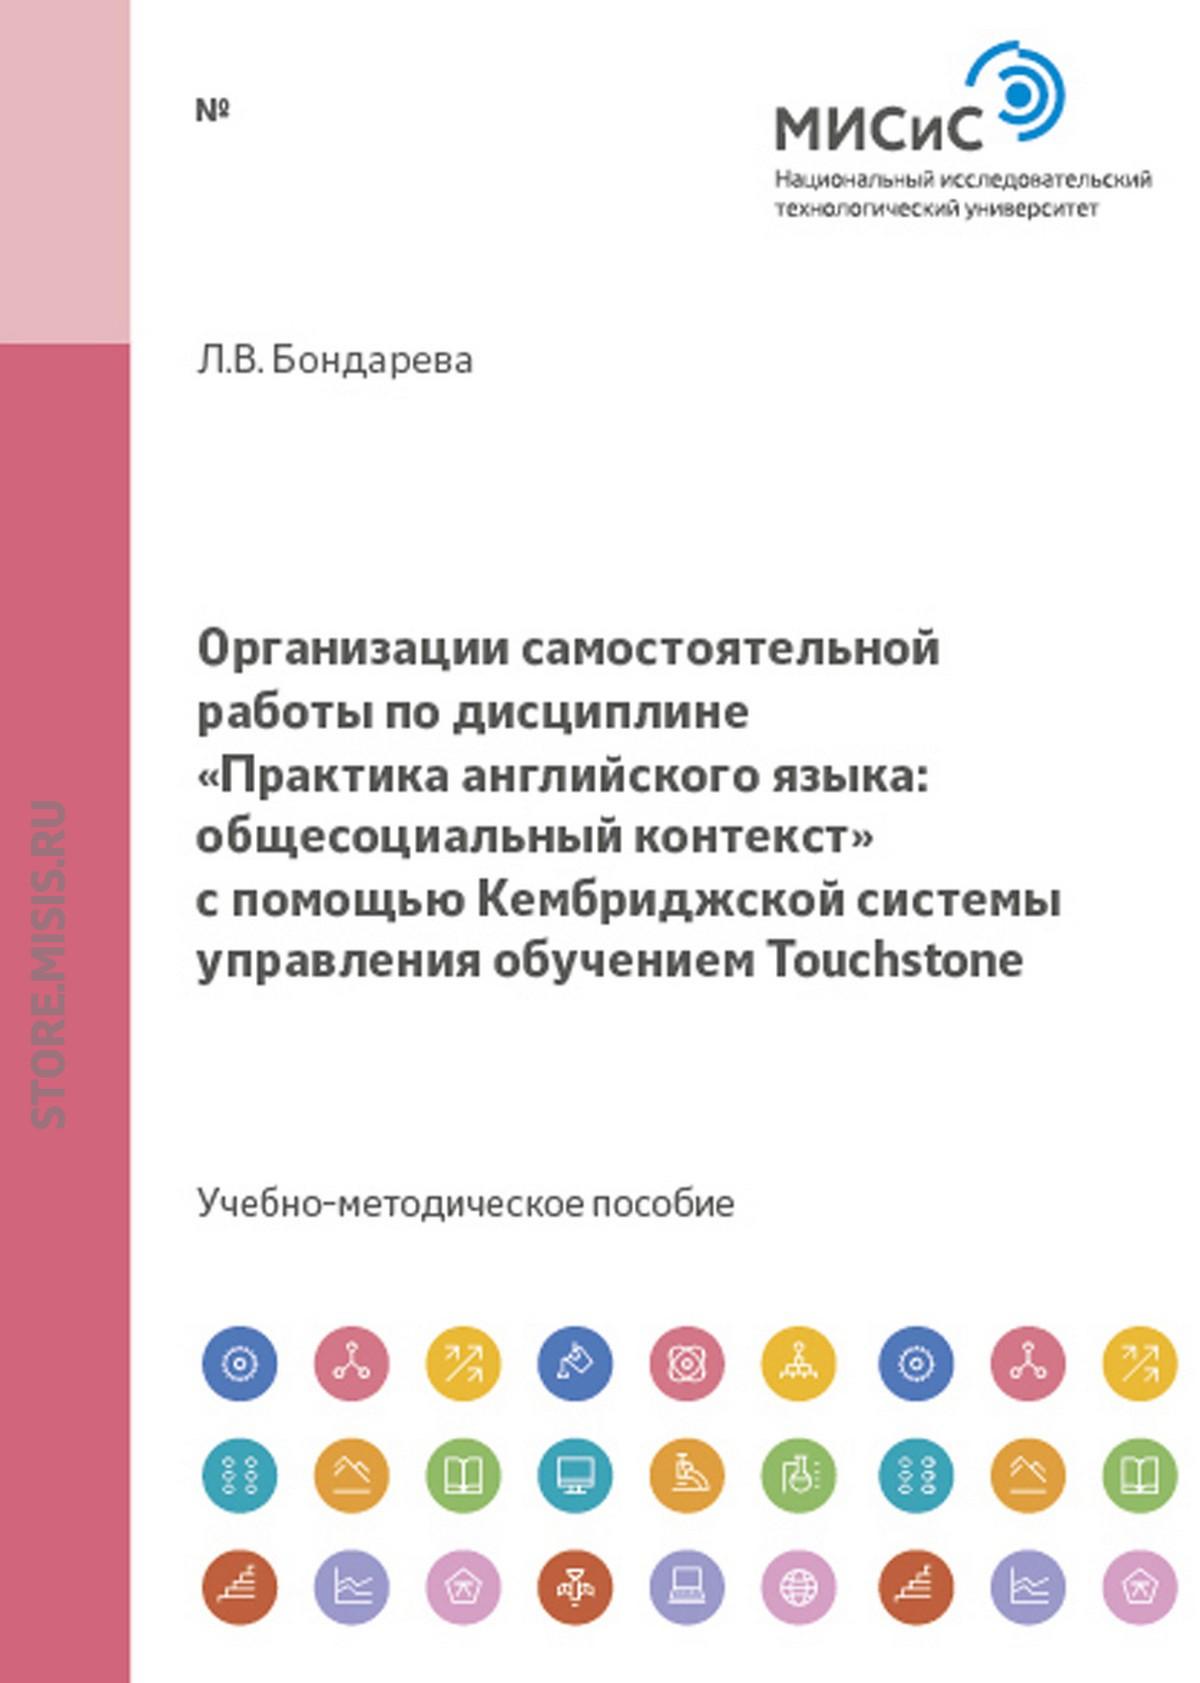 Организации самостоятельной работы по дисциплине «Практика английского языка: общесоциальный контекст» с помощью Кембриджской системы управления обучением Touchstone